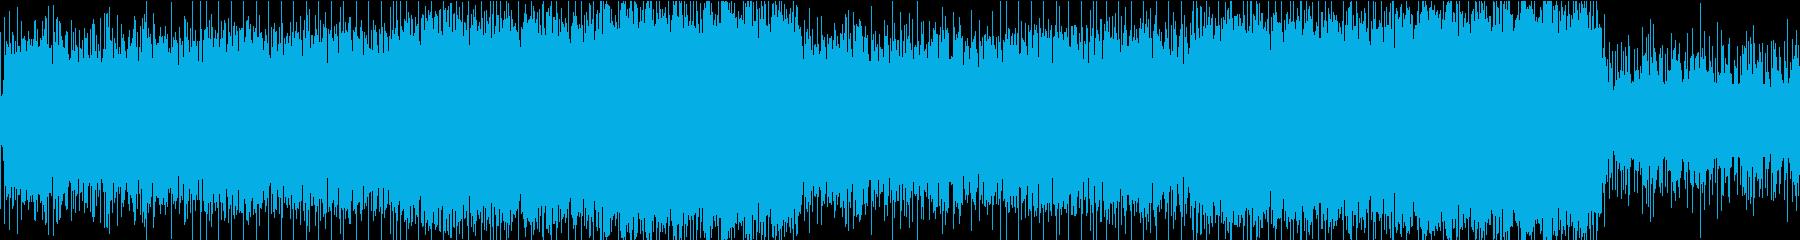 [ループ]R&Bな雰囲気のアンビエント曲の再生済みの波形